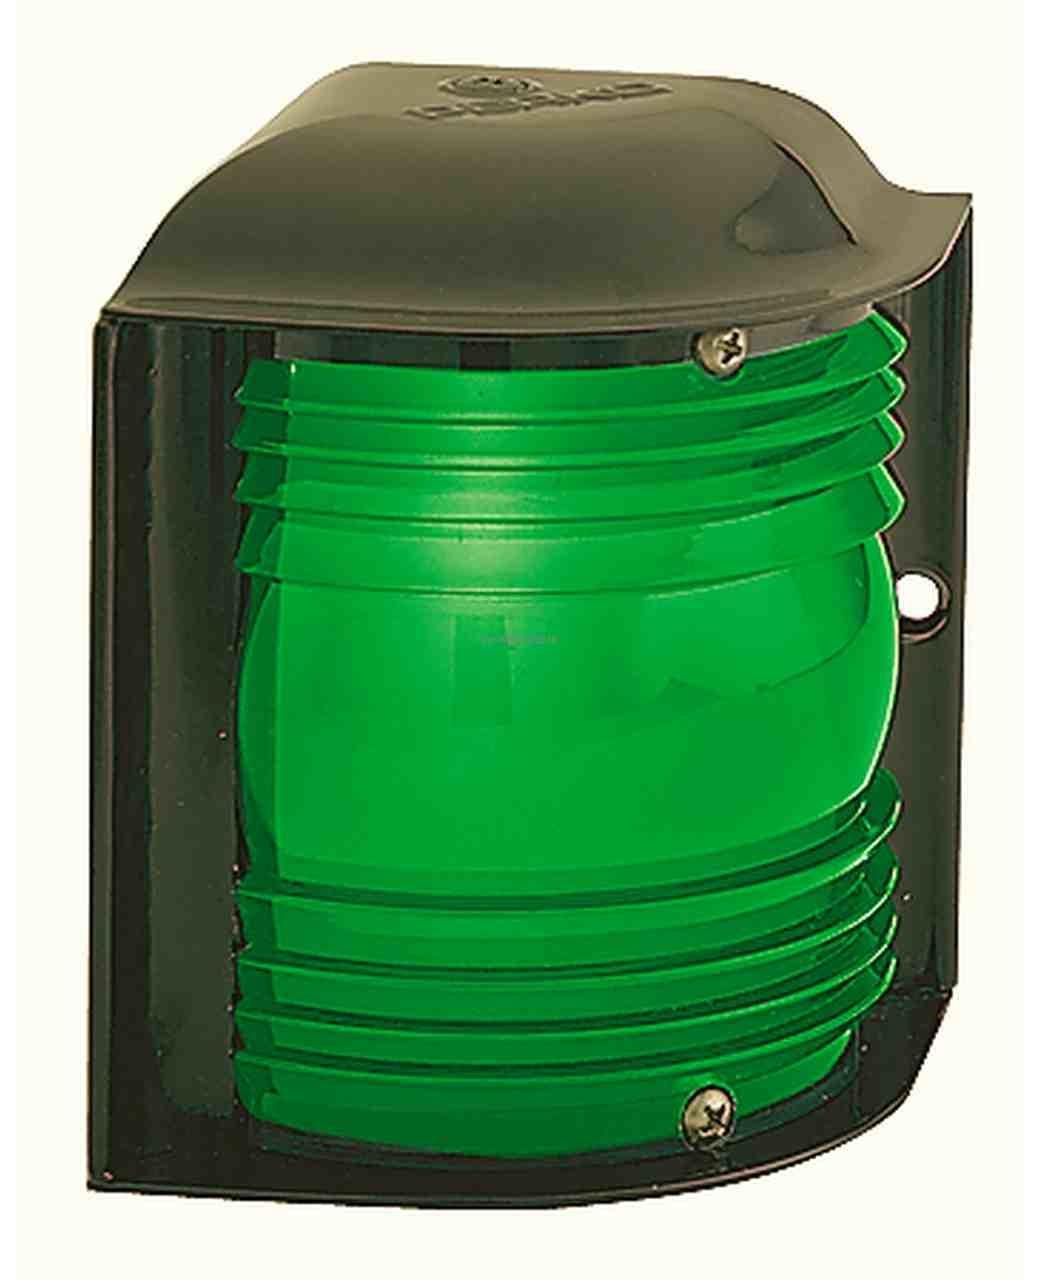 Perko 12-24 VDC groen zijlicht - horizontale montage (lamp niet inbegrepen)